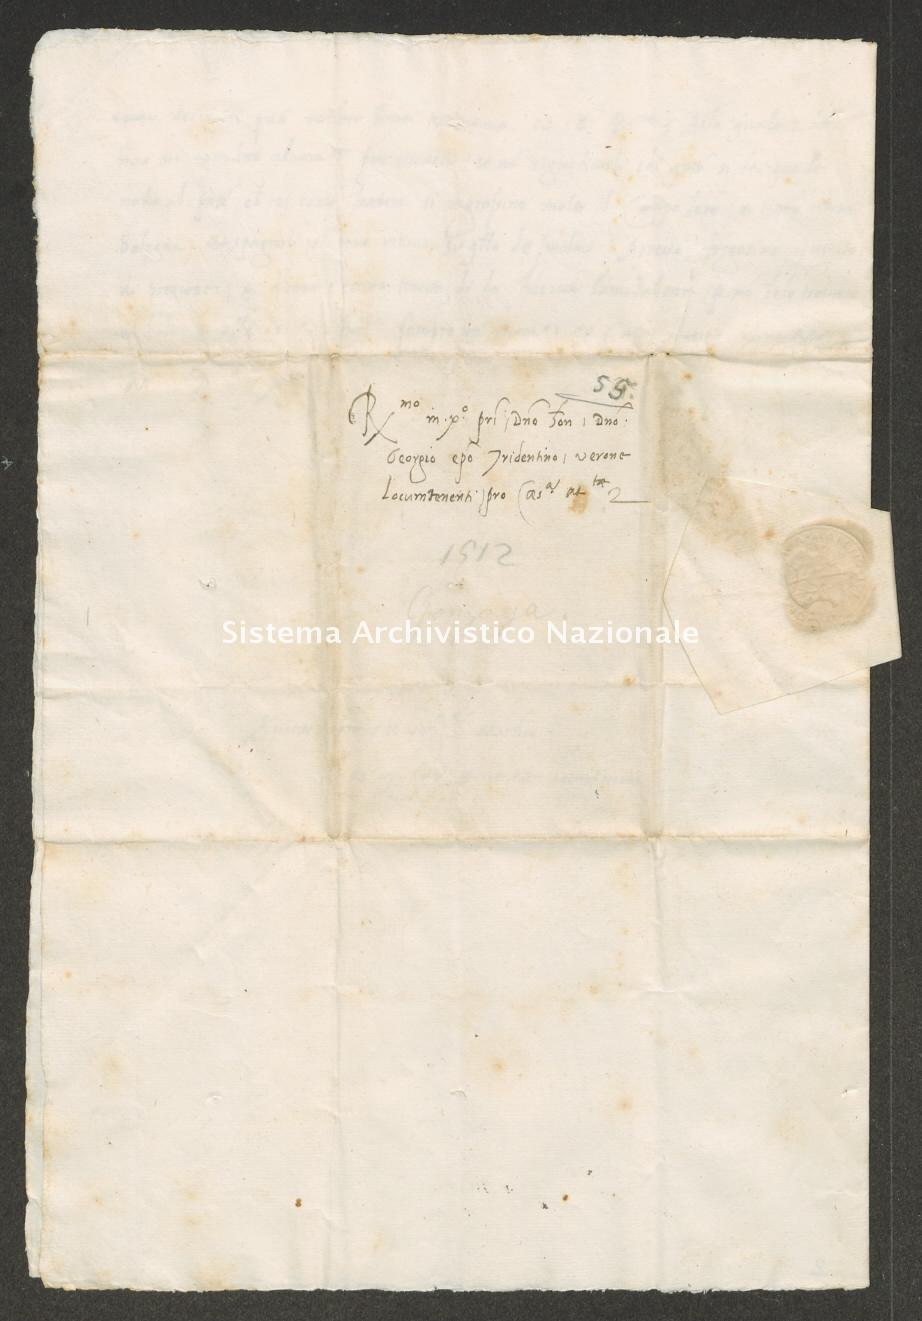 Archivio di Stato di Trento, Capitolo del Duomo di Trento, ITASTNCAPITOLODUOMON1283, Pergamena ITASTNCAPITOLODUOMON1283_04